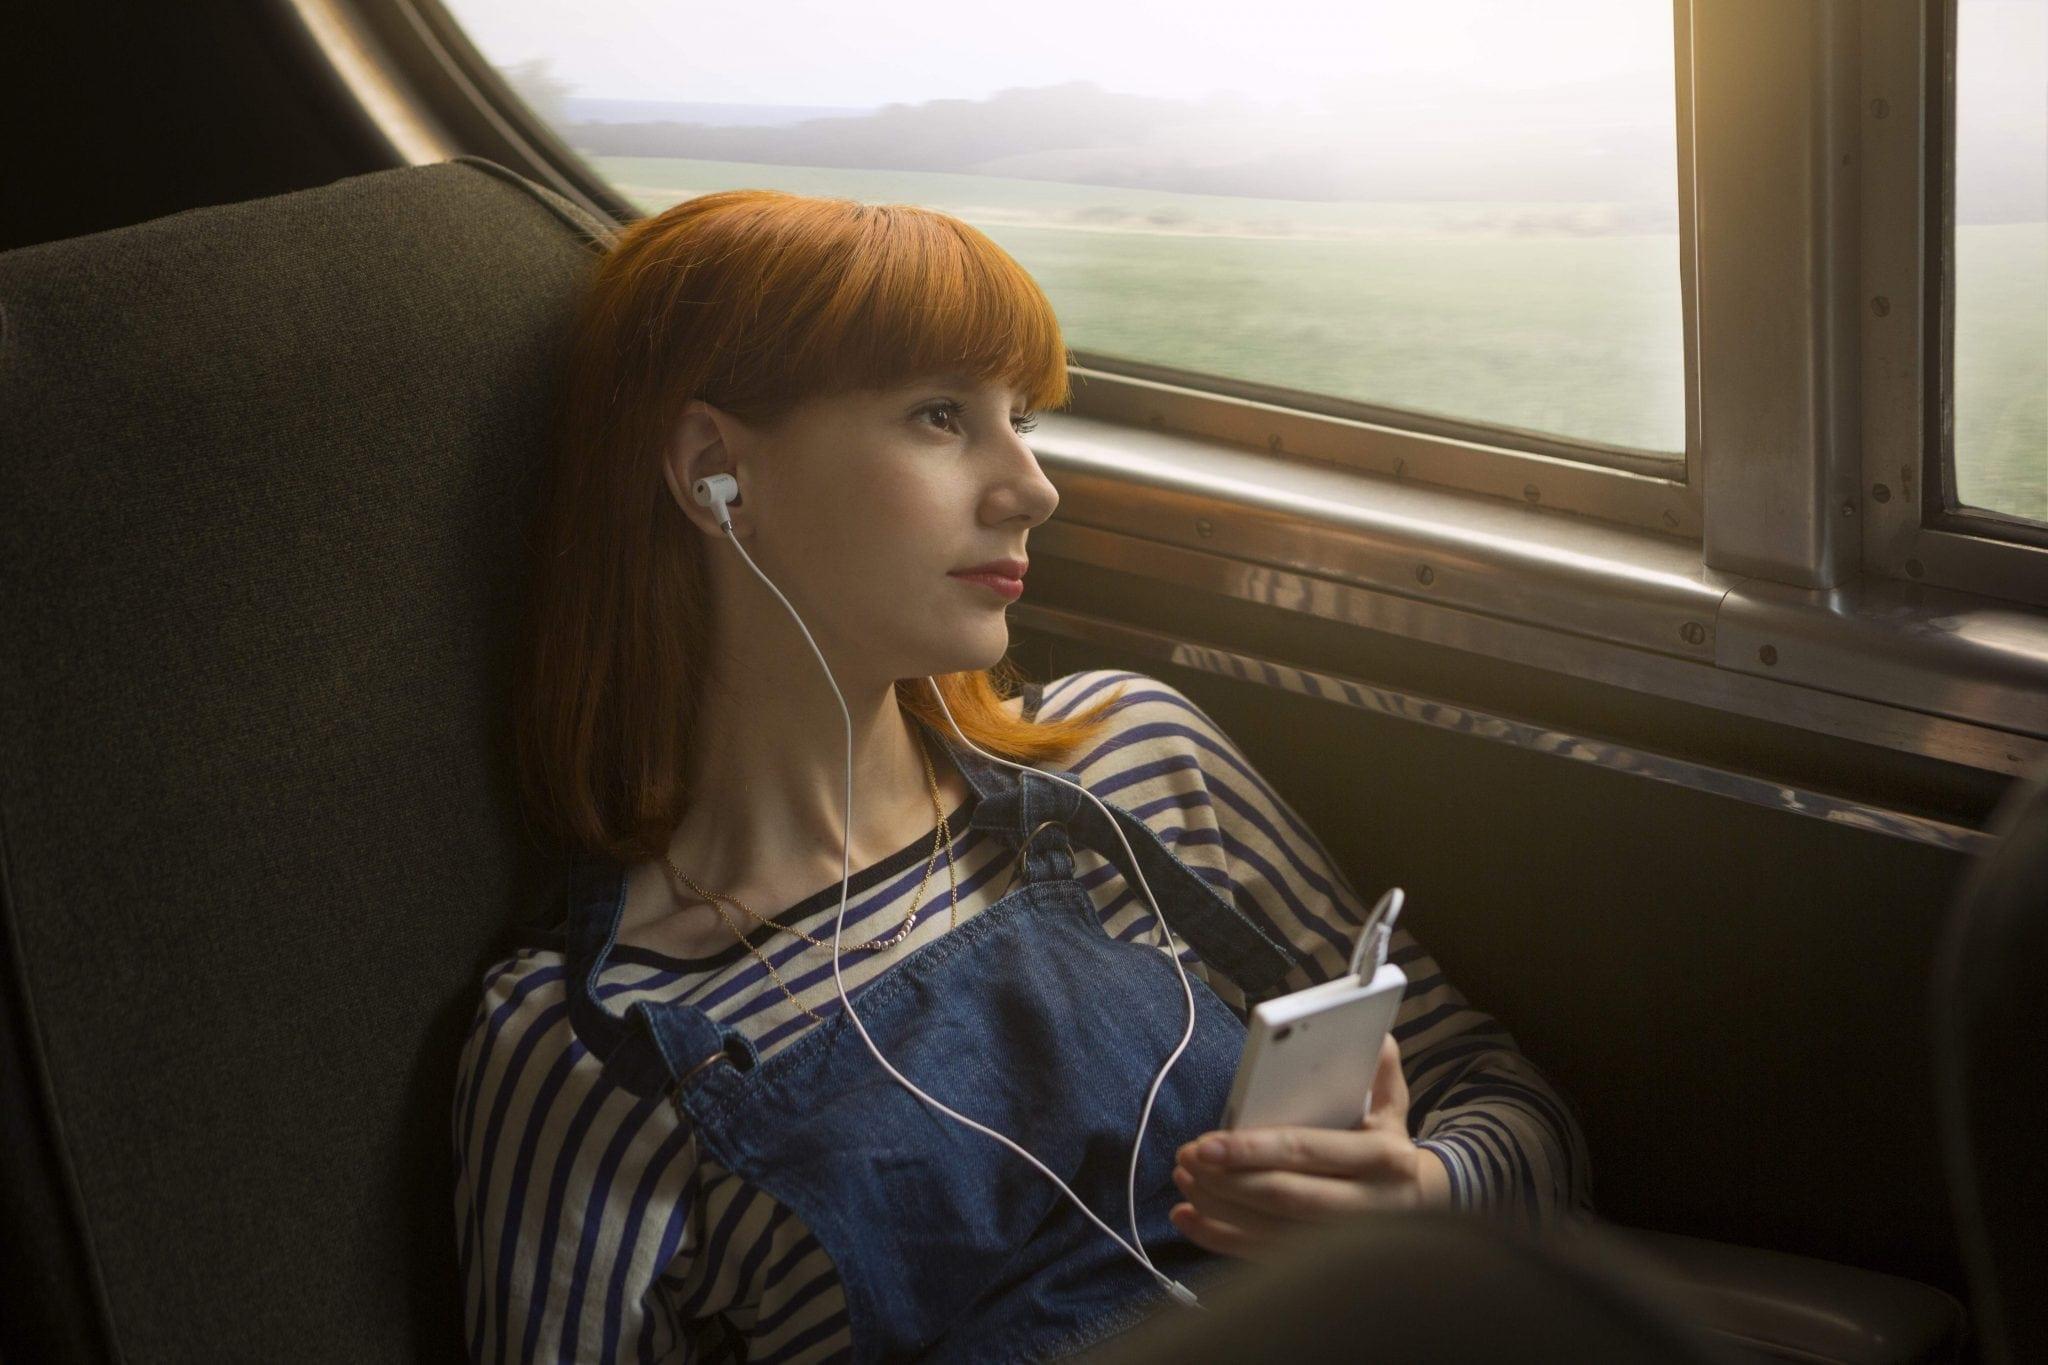 Ești în avion și ai uitat să treci telefonul în modul de zbor? Un englez are de plătit 1.000 de lire sterline pentru roaming